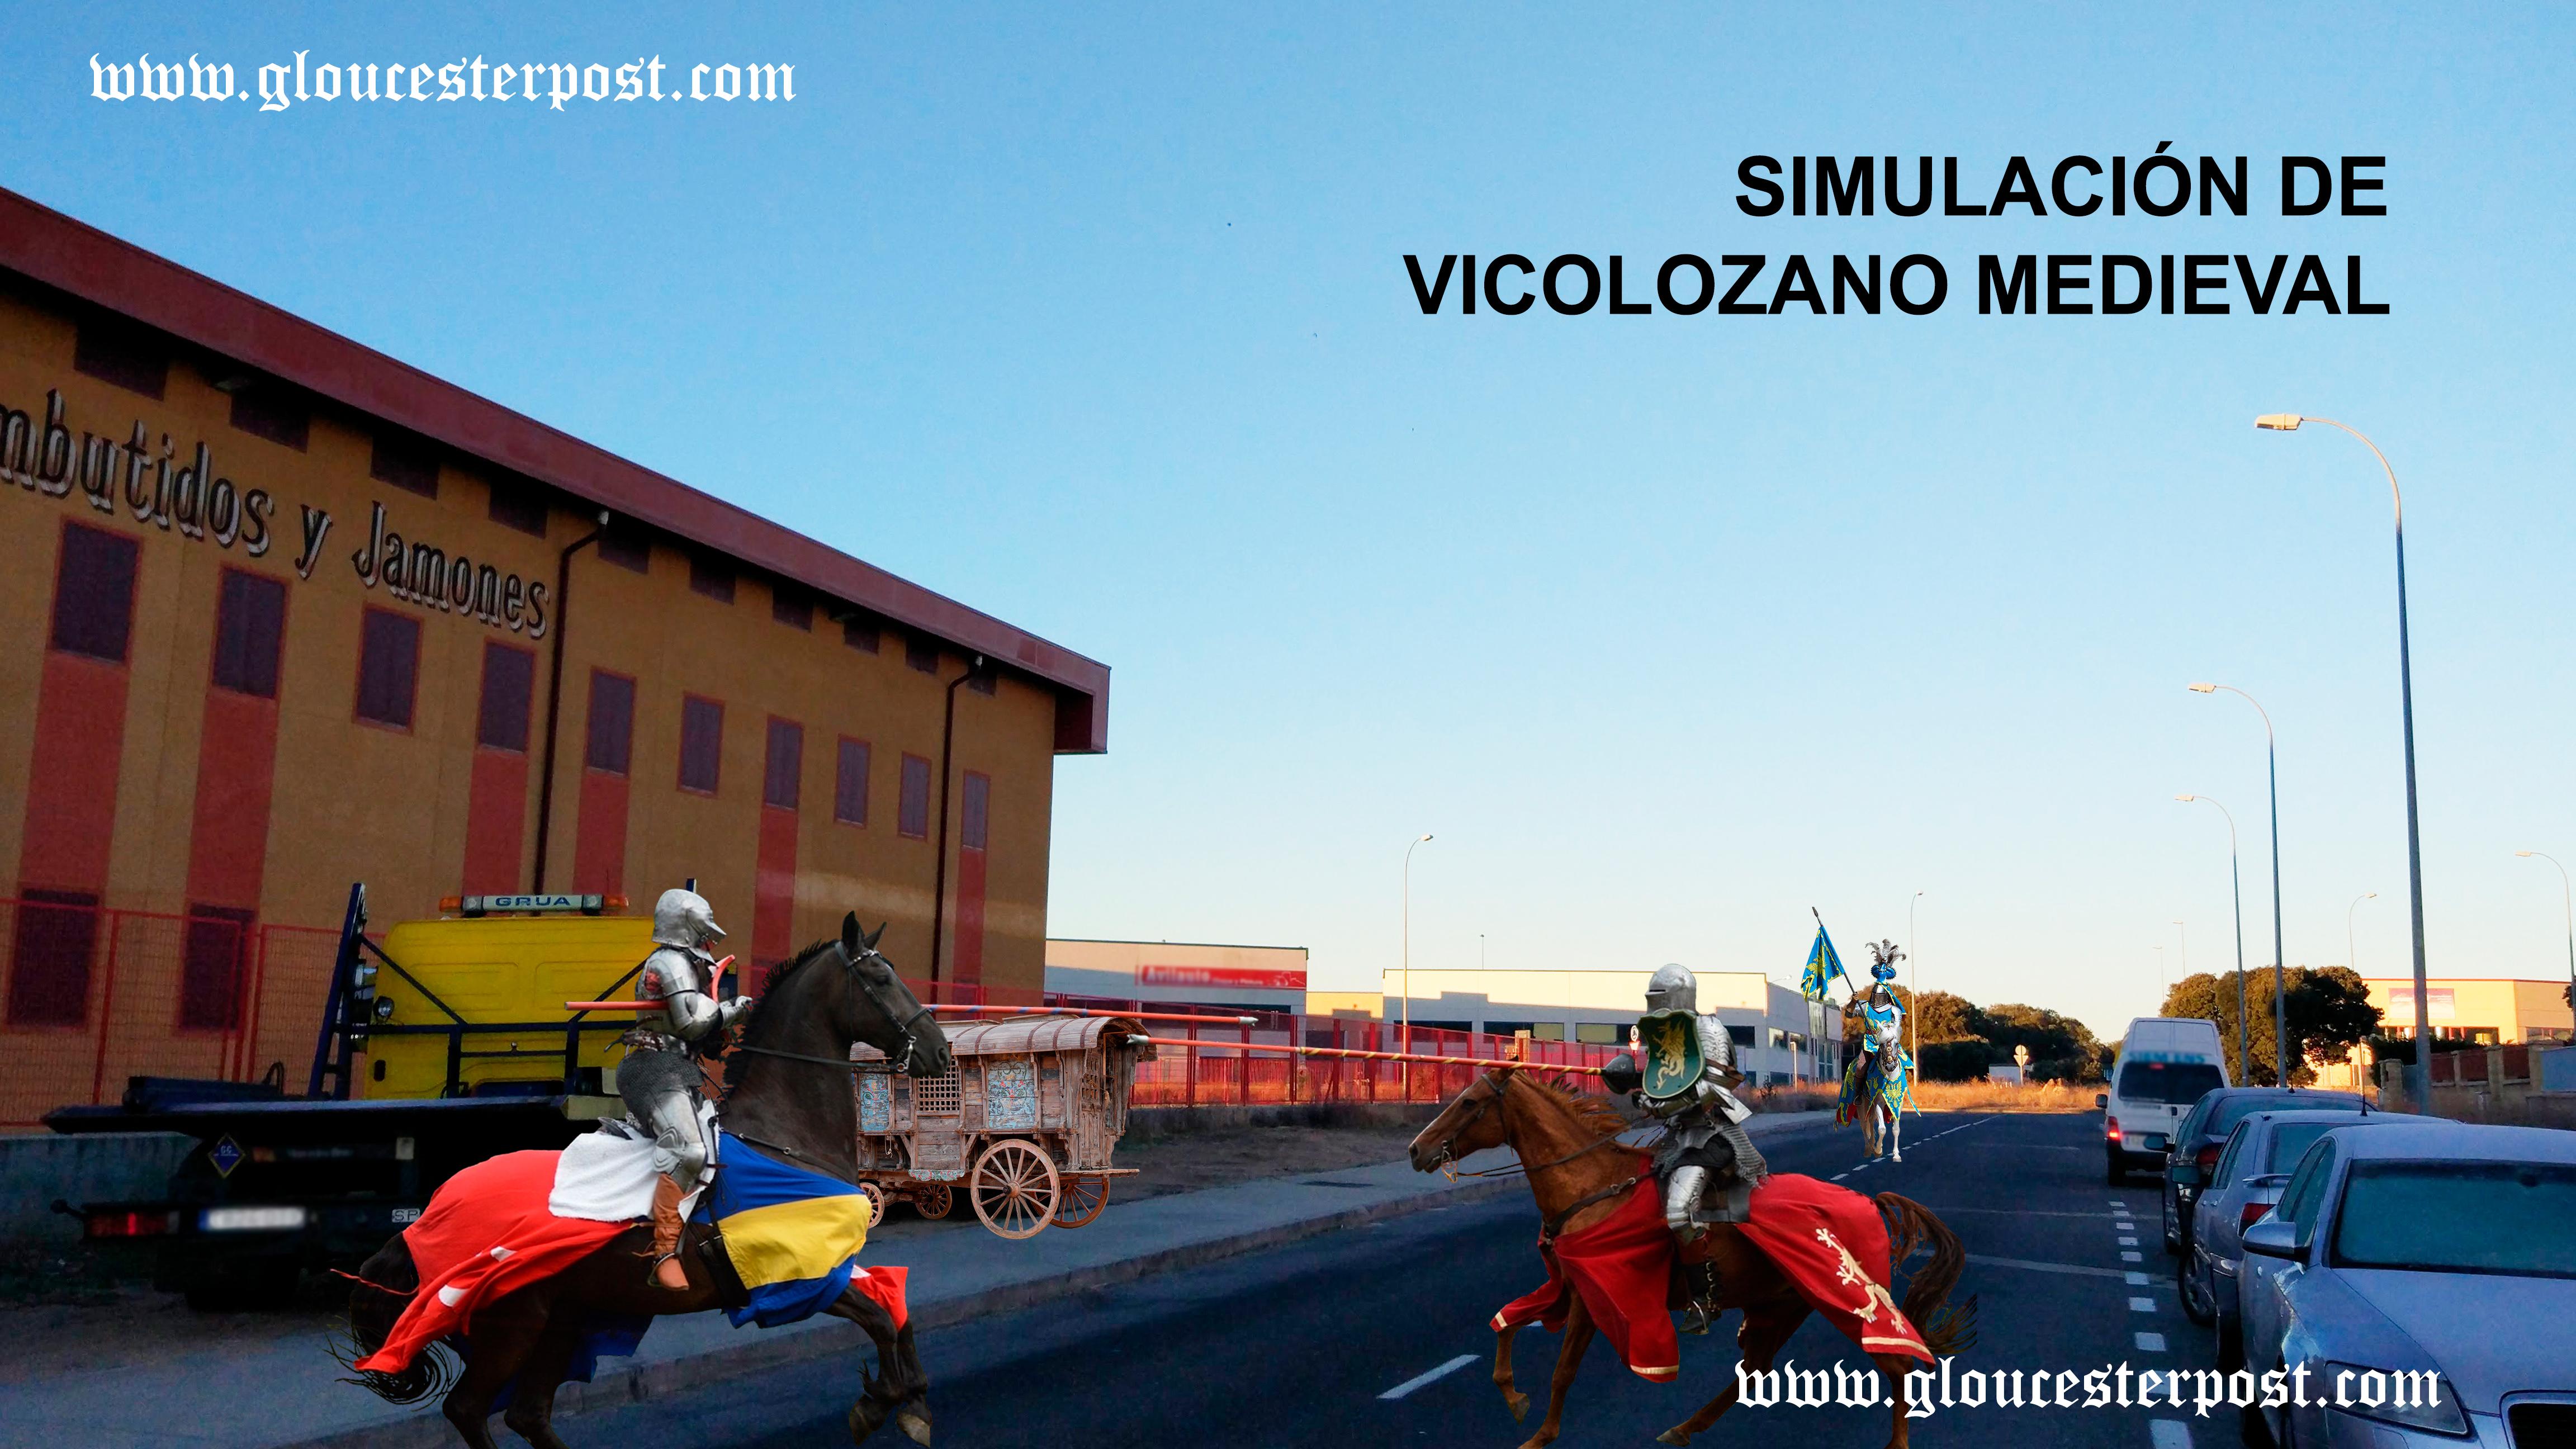 Vicolozano medieval